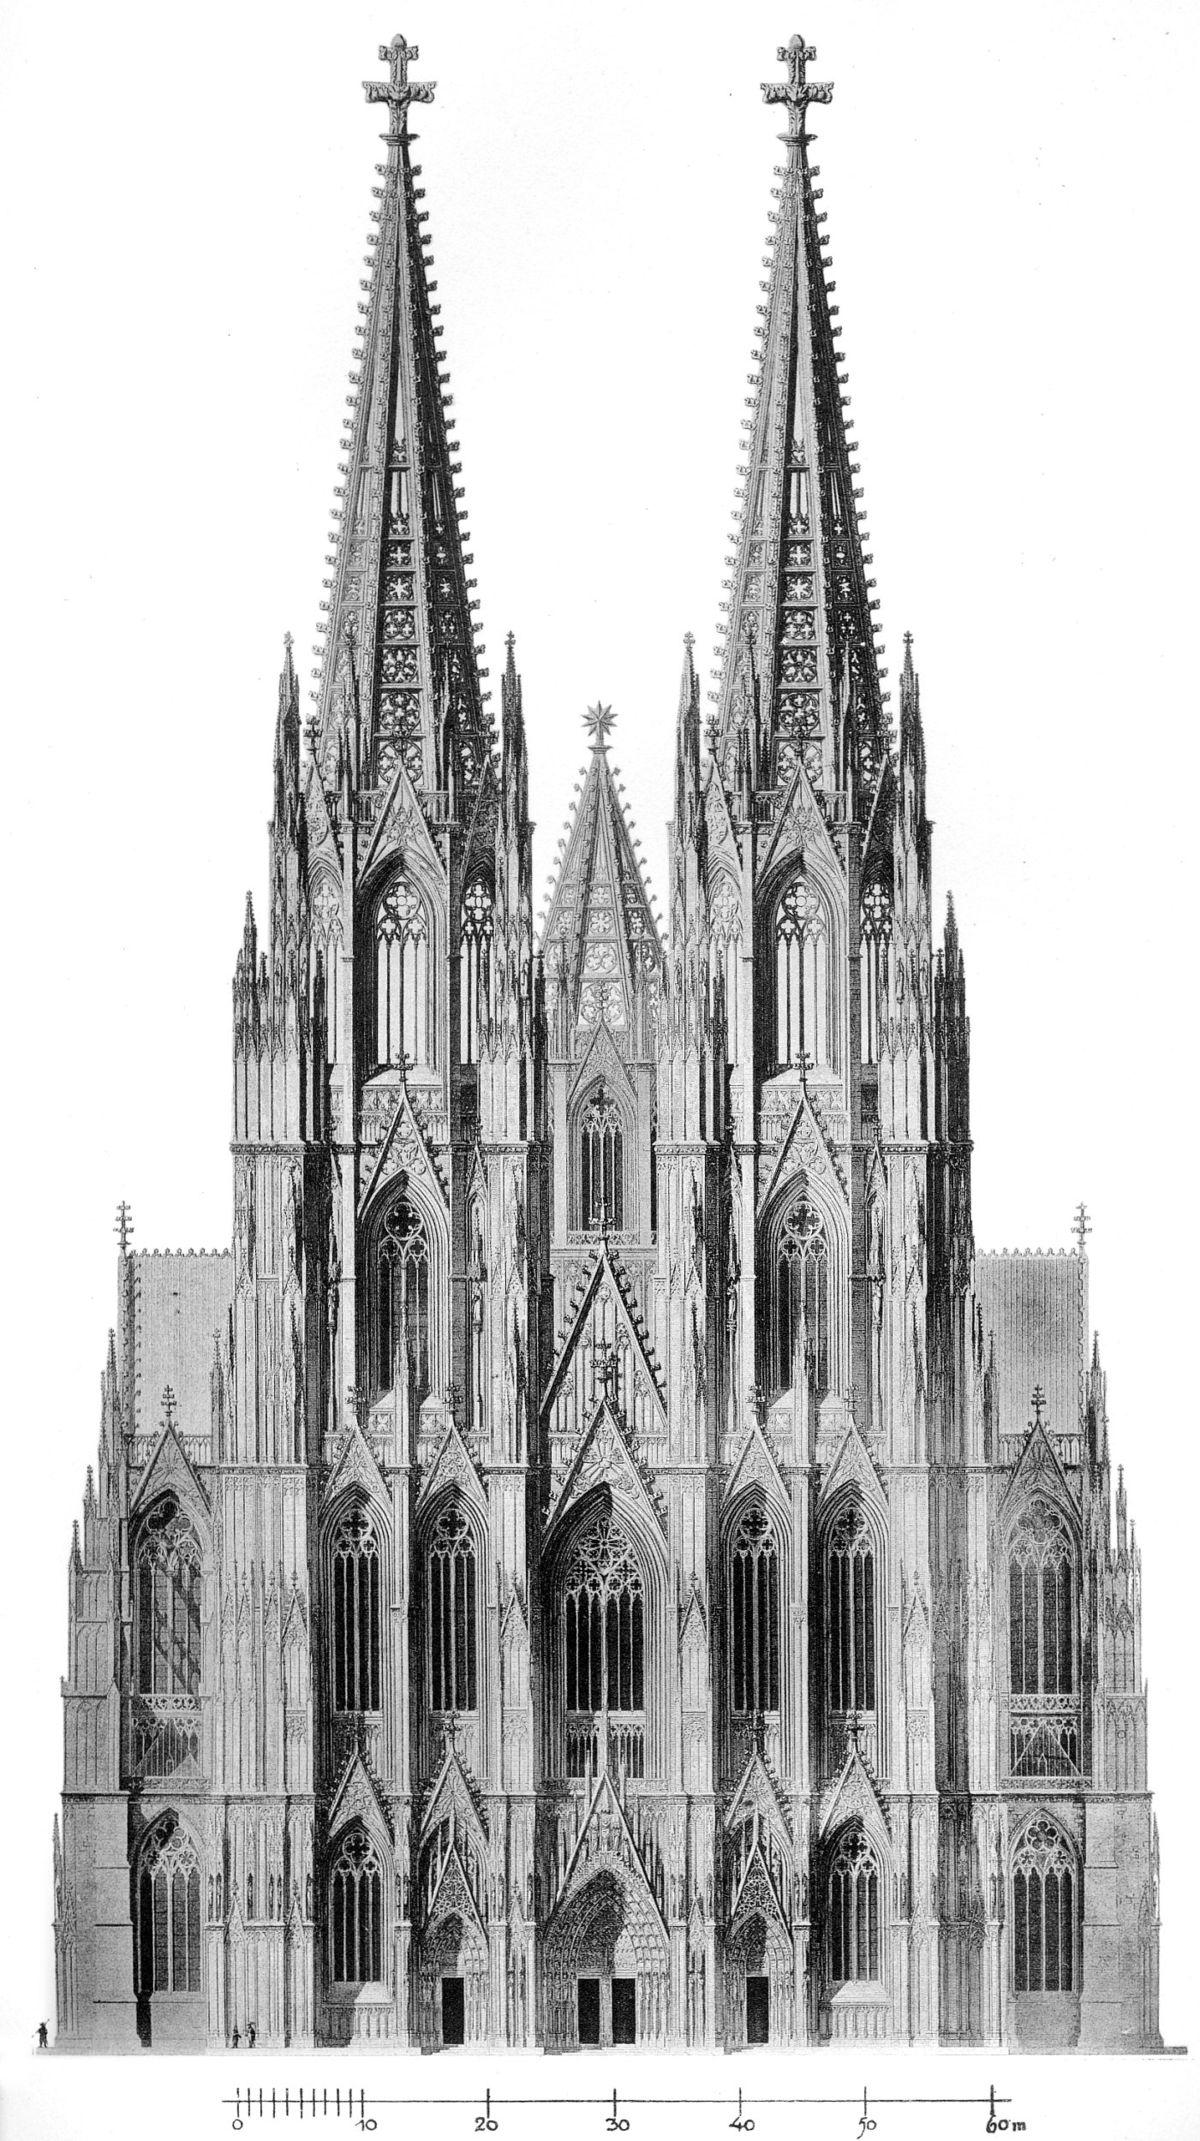 Hasak - Der Dom zu Köln - Bild 18 Westansicht Boisseree.jpg